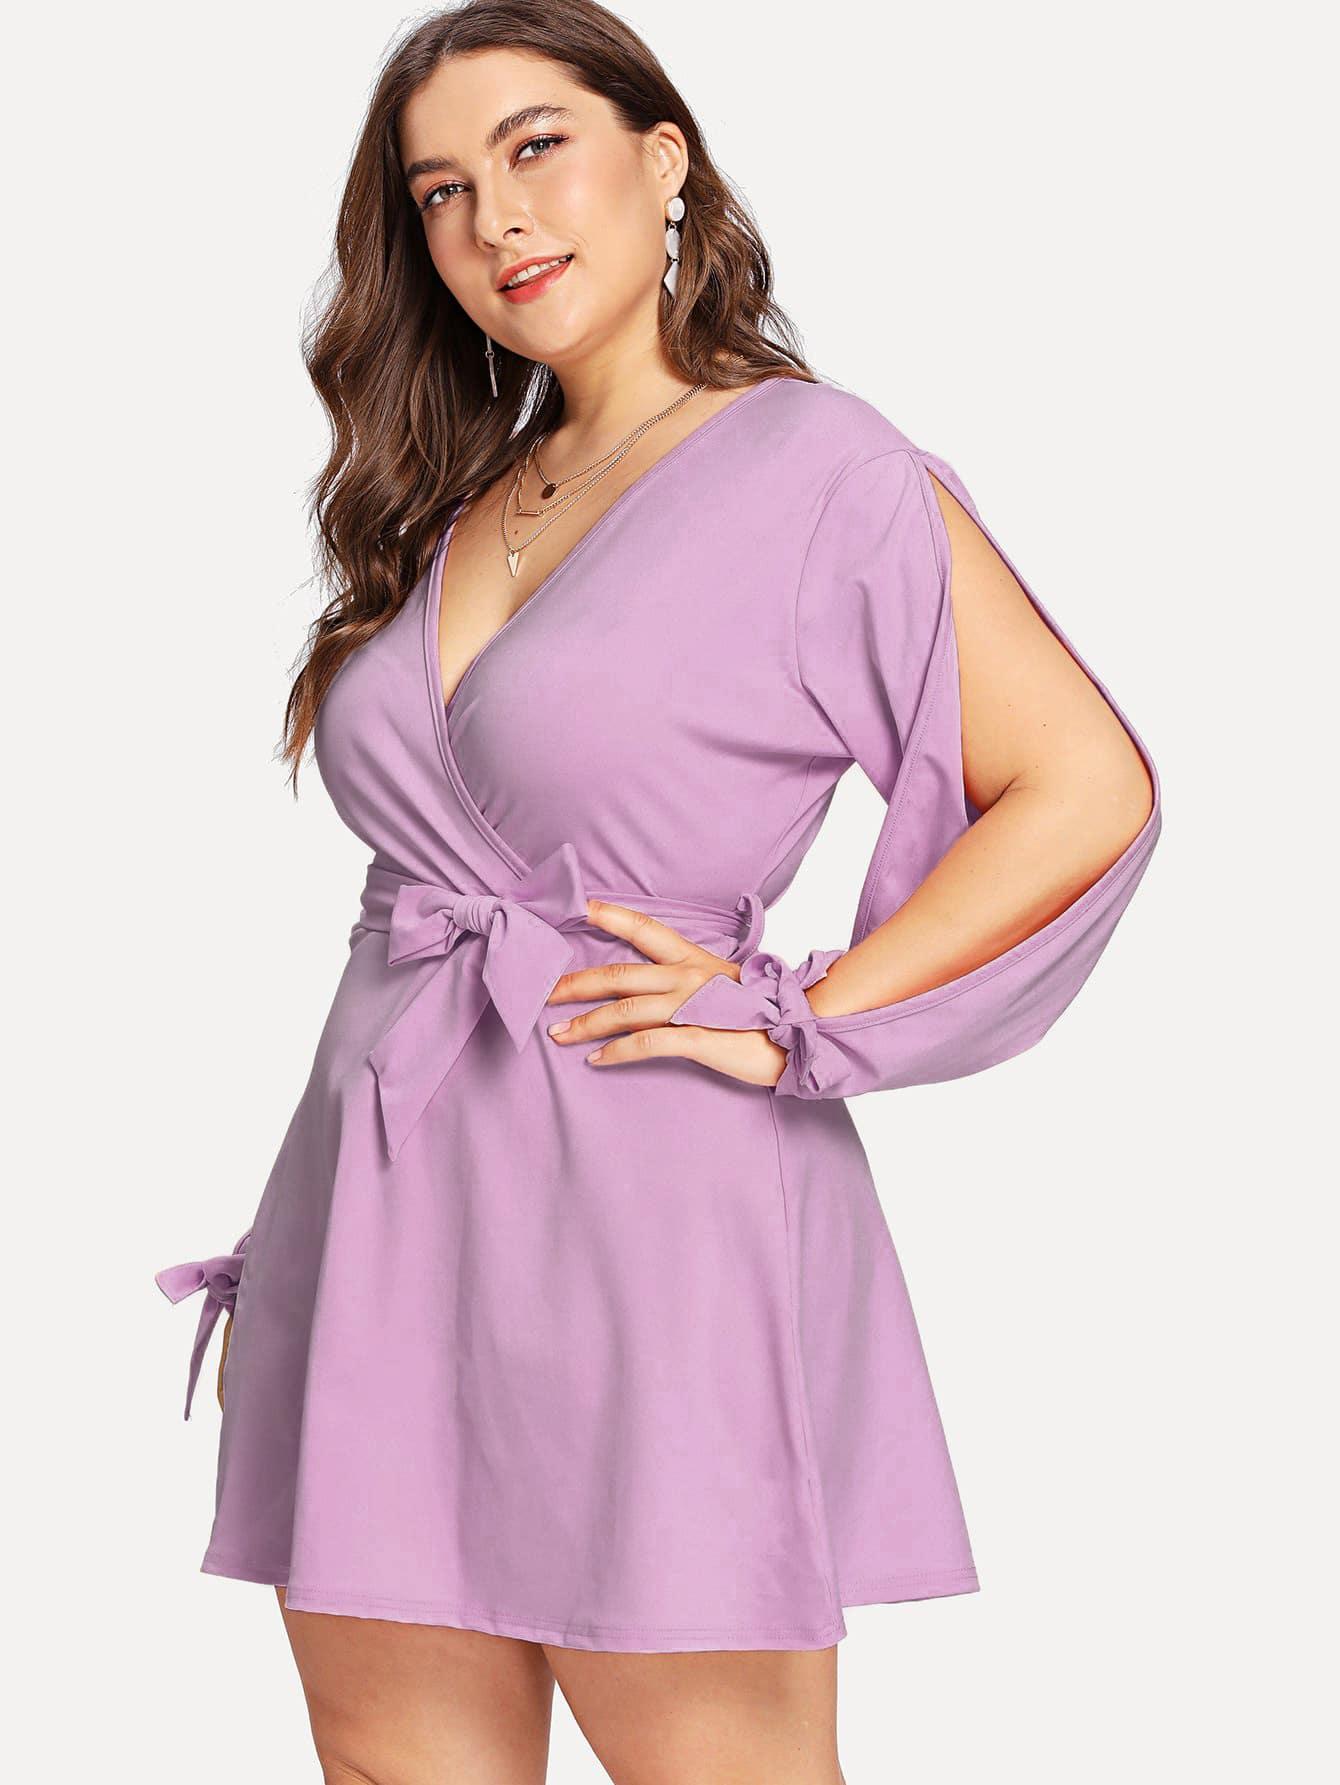 Купить Сплит связанный рукав Surplice Wrap Dress, Franziska, SheIn